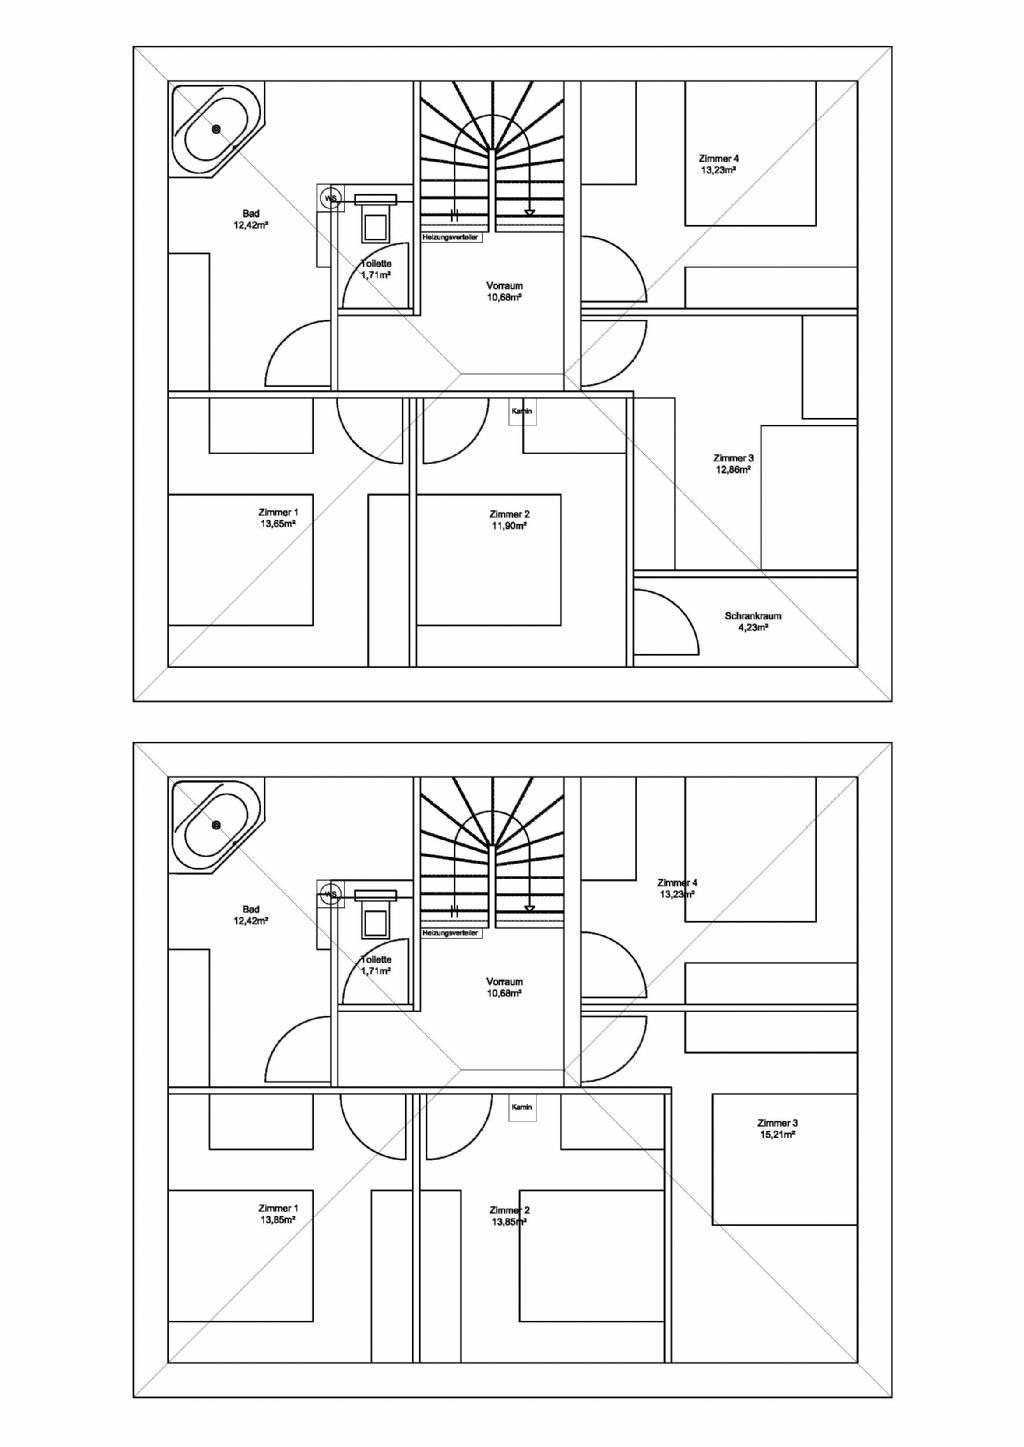 grundriss efh 160qm ohne keller mit gara grundrissforum auf. Black Bedroom Furniture Sets. Home Design Ideas